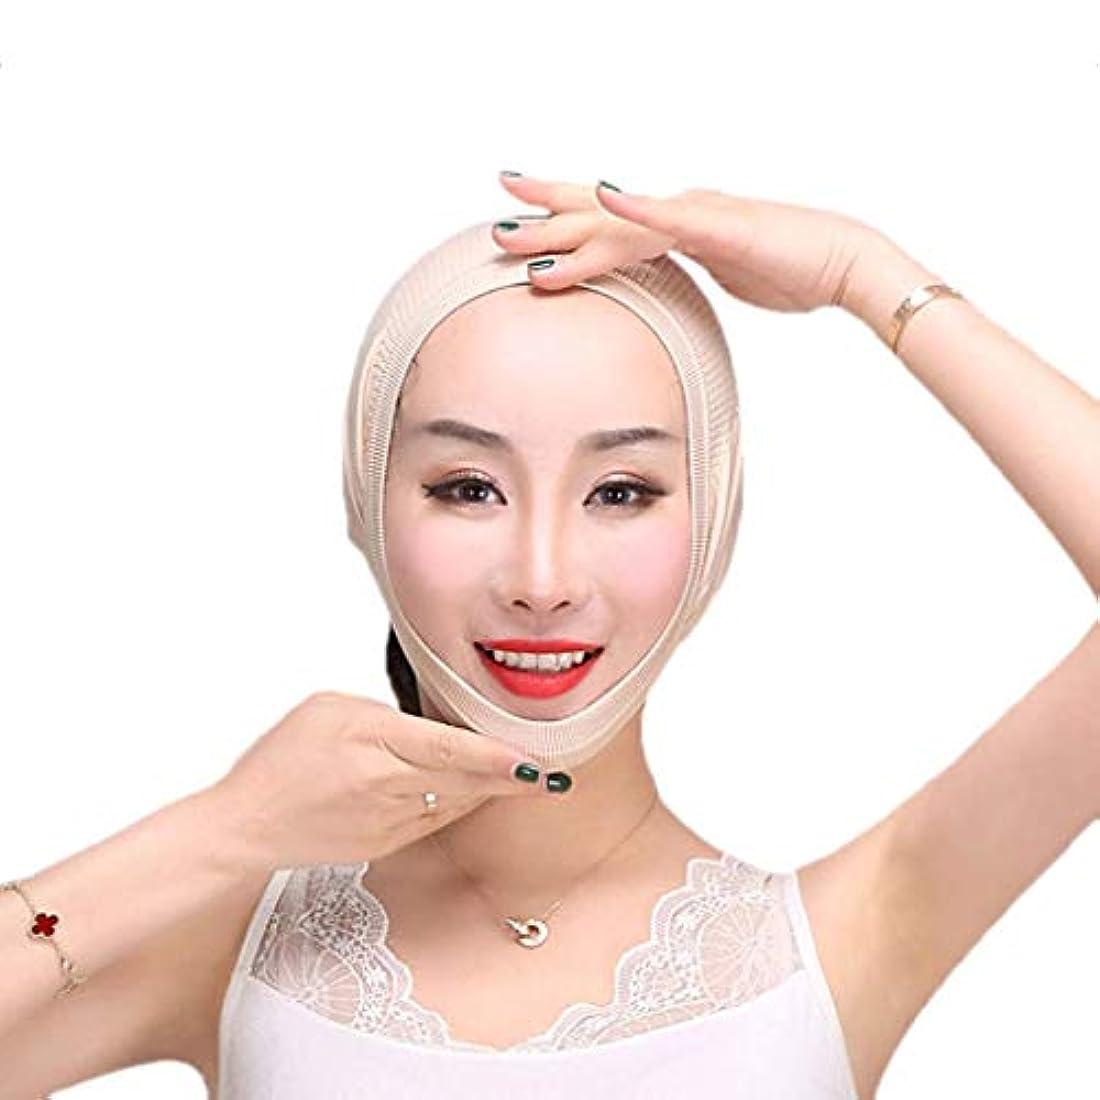 フェイスリフトマスク、フェイススリミングマスク、チンストラップ、フェイスマッサージ、フェイシャル減量マスク、チンリフティングベルト(ワンサイズ)